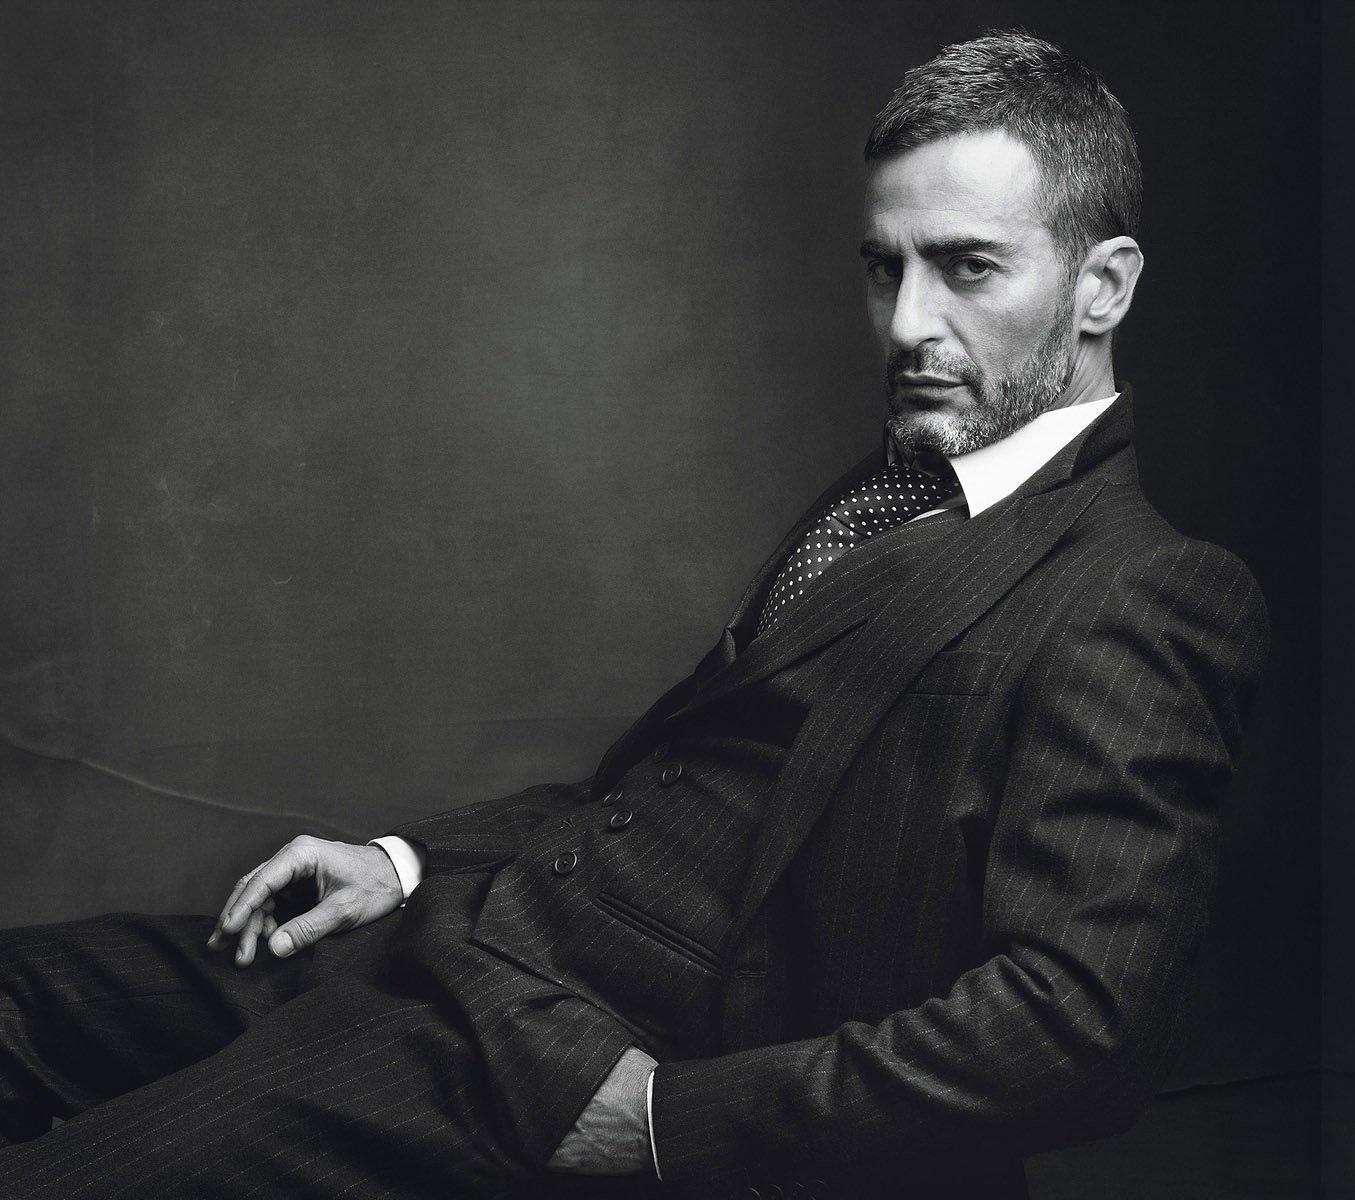 #Castmemarc : Tente ta chance pour devenir le nouveau modèle Marc Jacobs